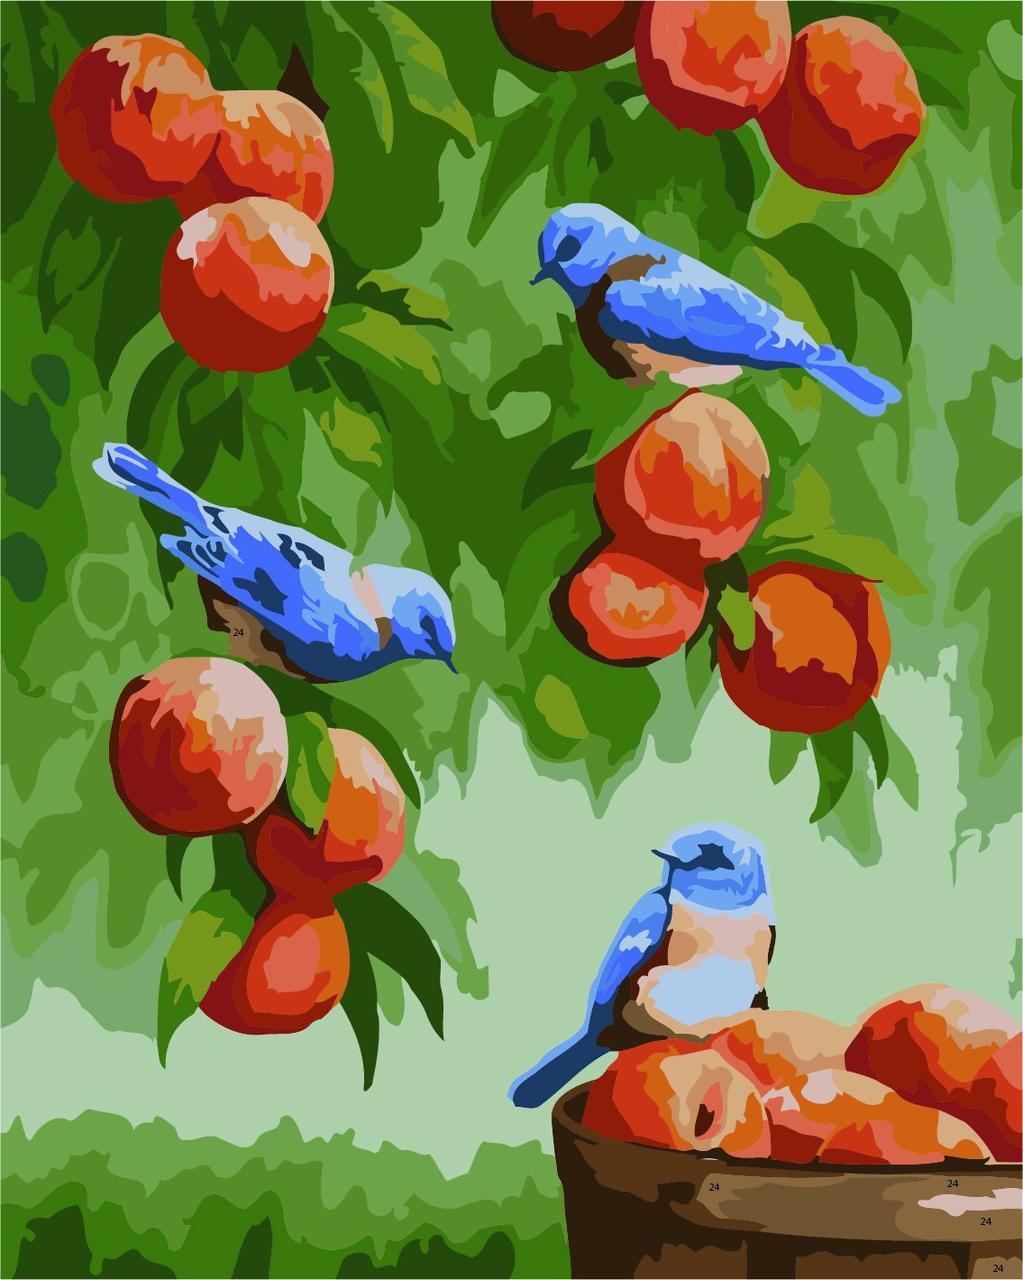 КНО2429 Раскраска по номерам Дрозды и персики, Без коробки